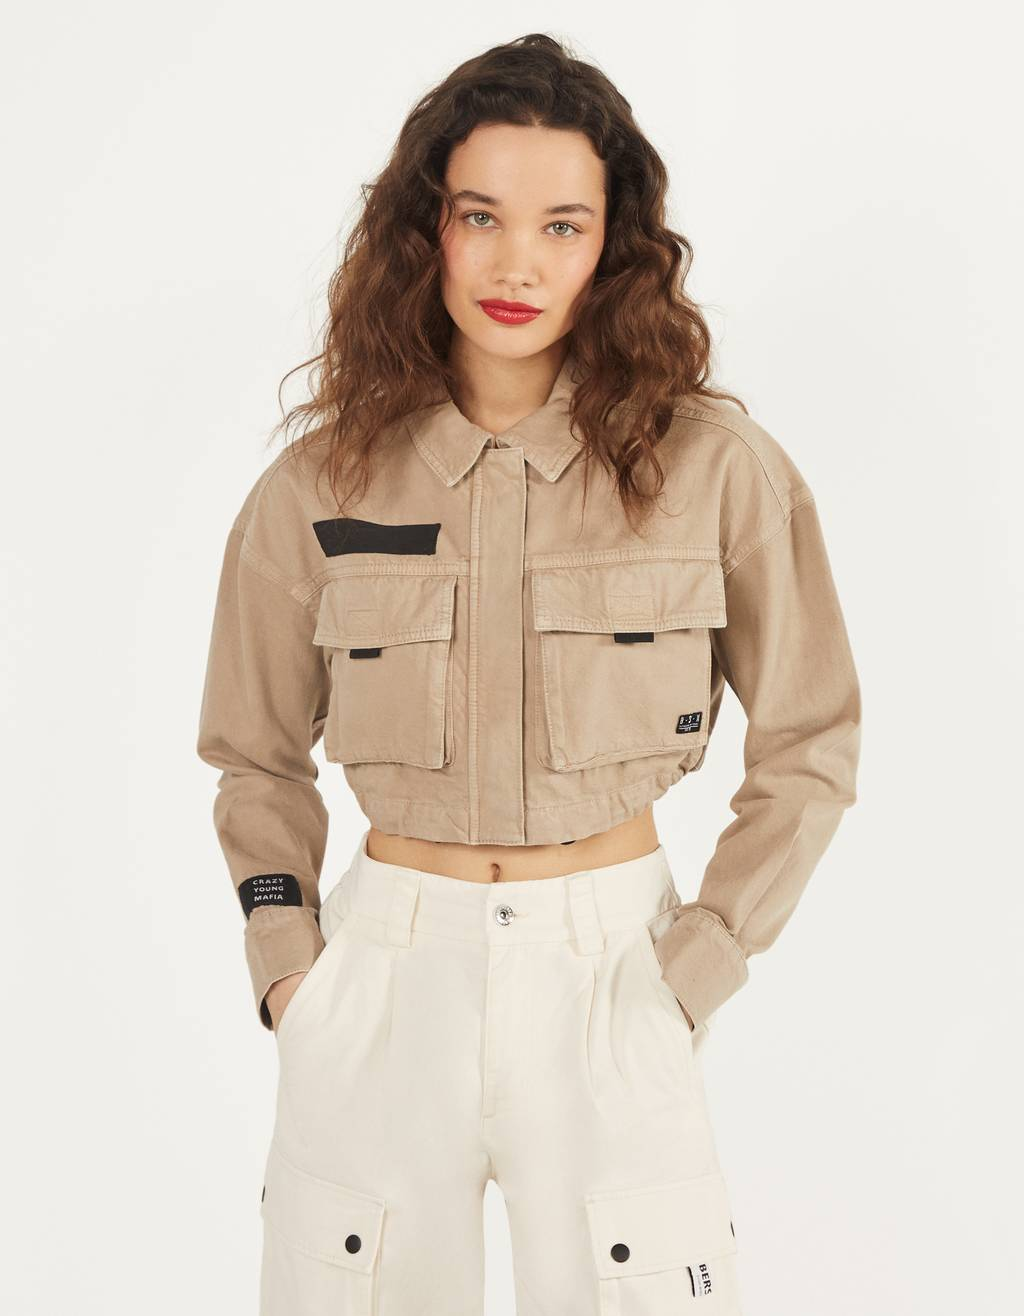 Cropped utility jacket